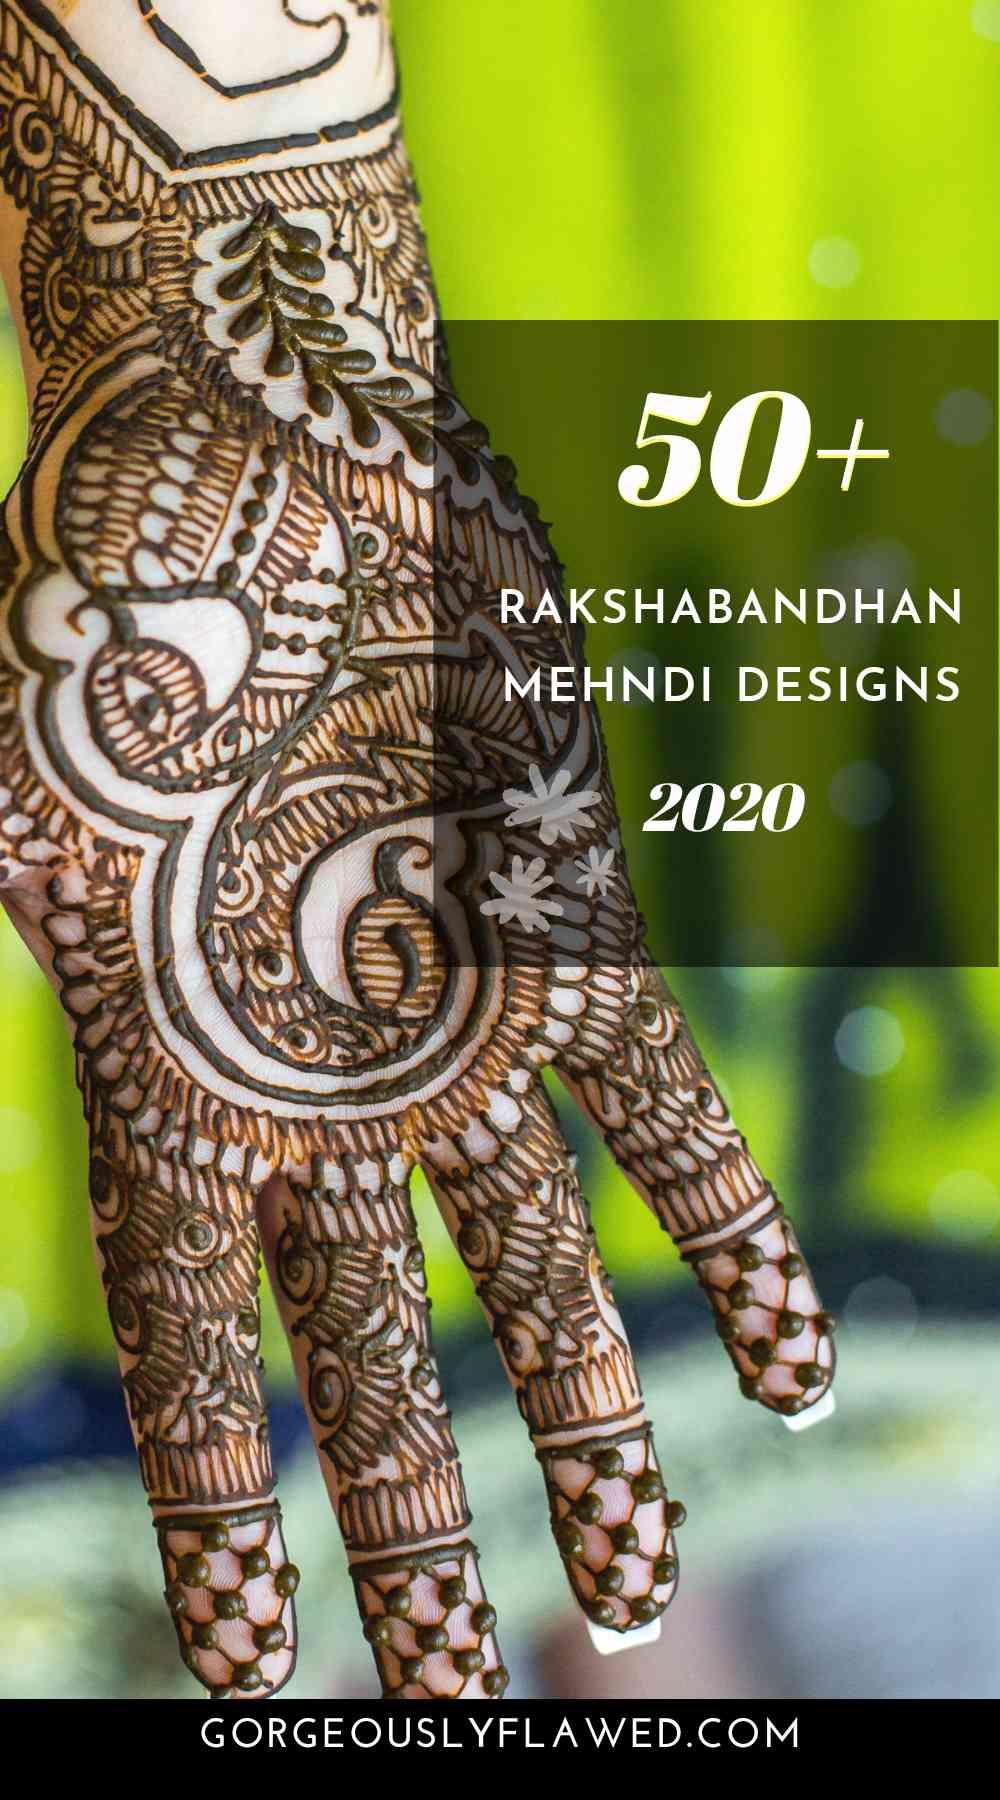 50+ Rakshabandhan Mehndi Designs 2020 - Latest Rakhi Mehndi Images